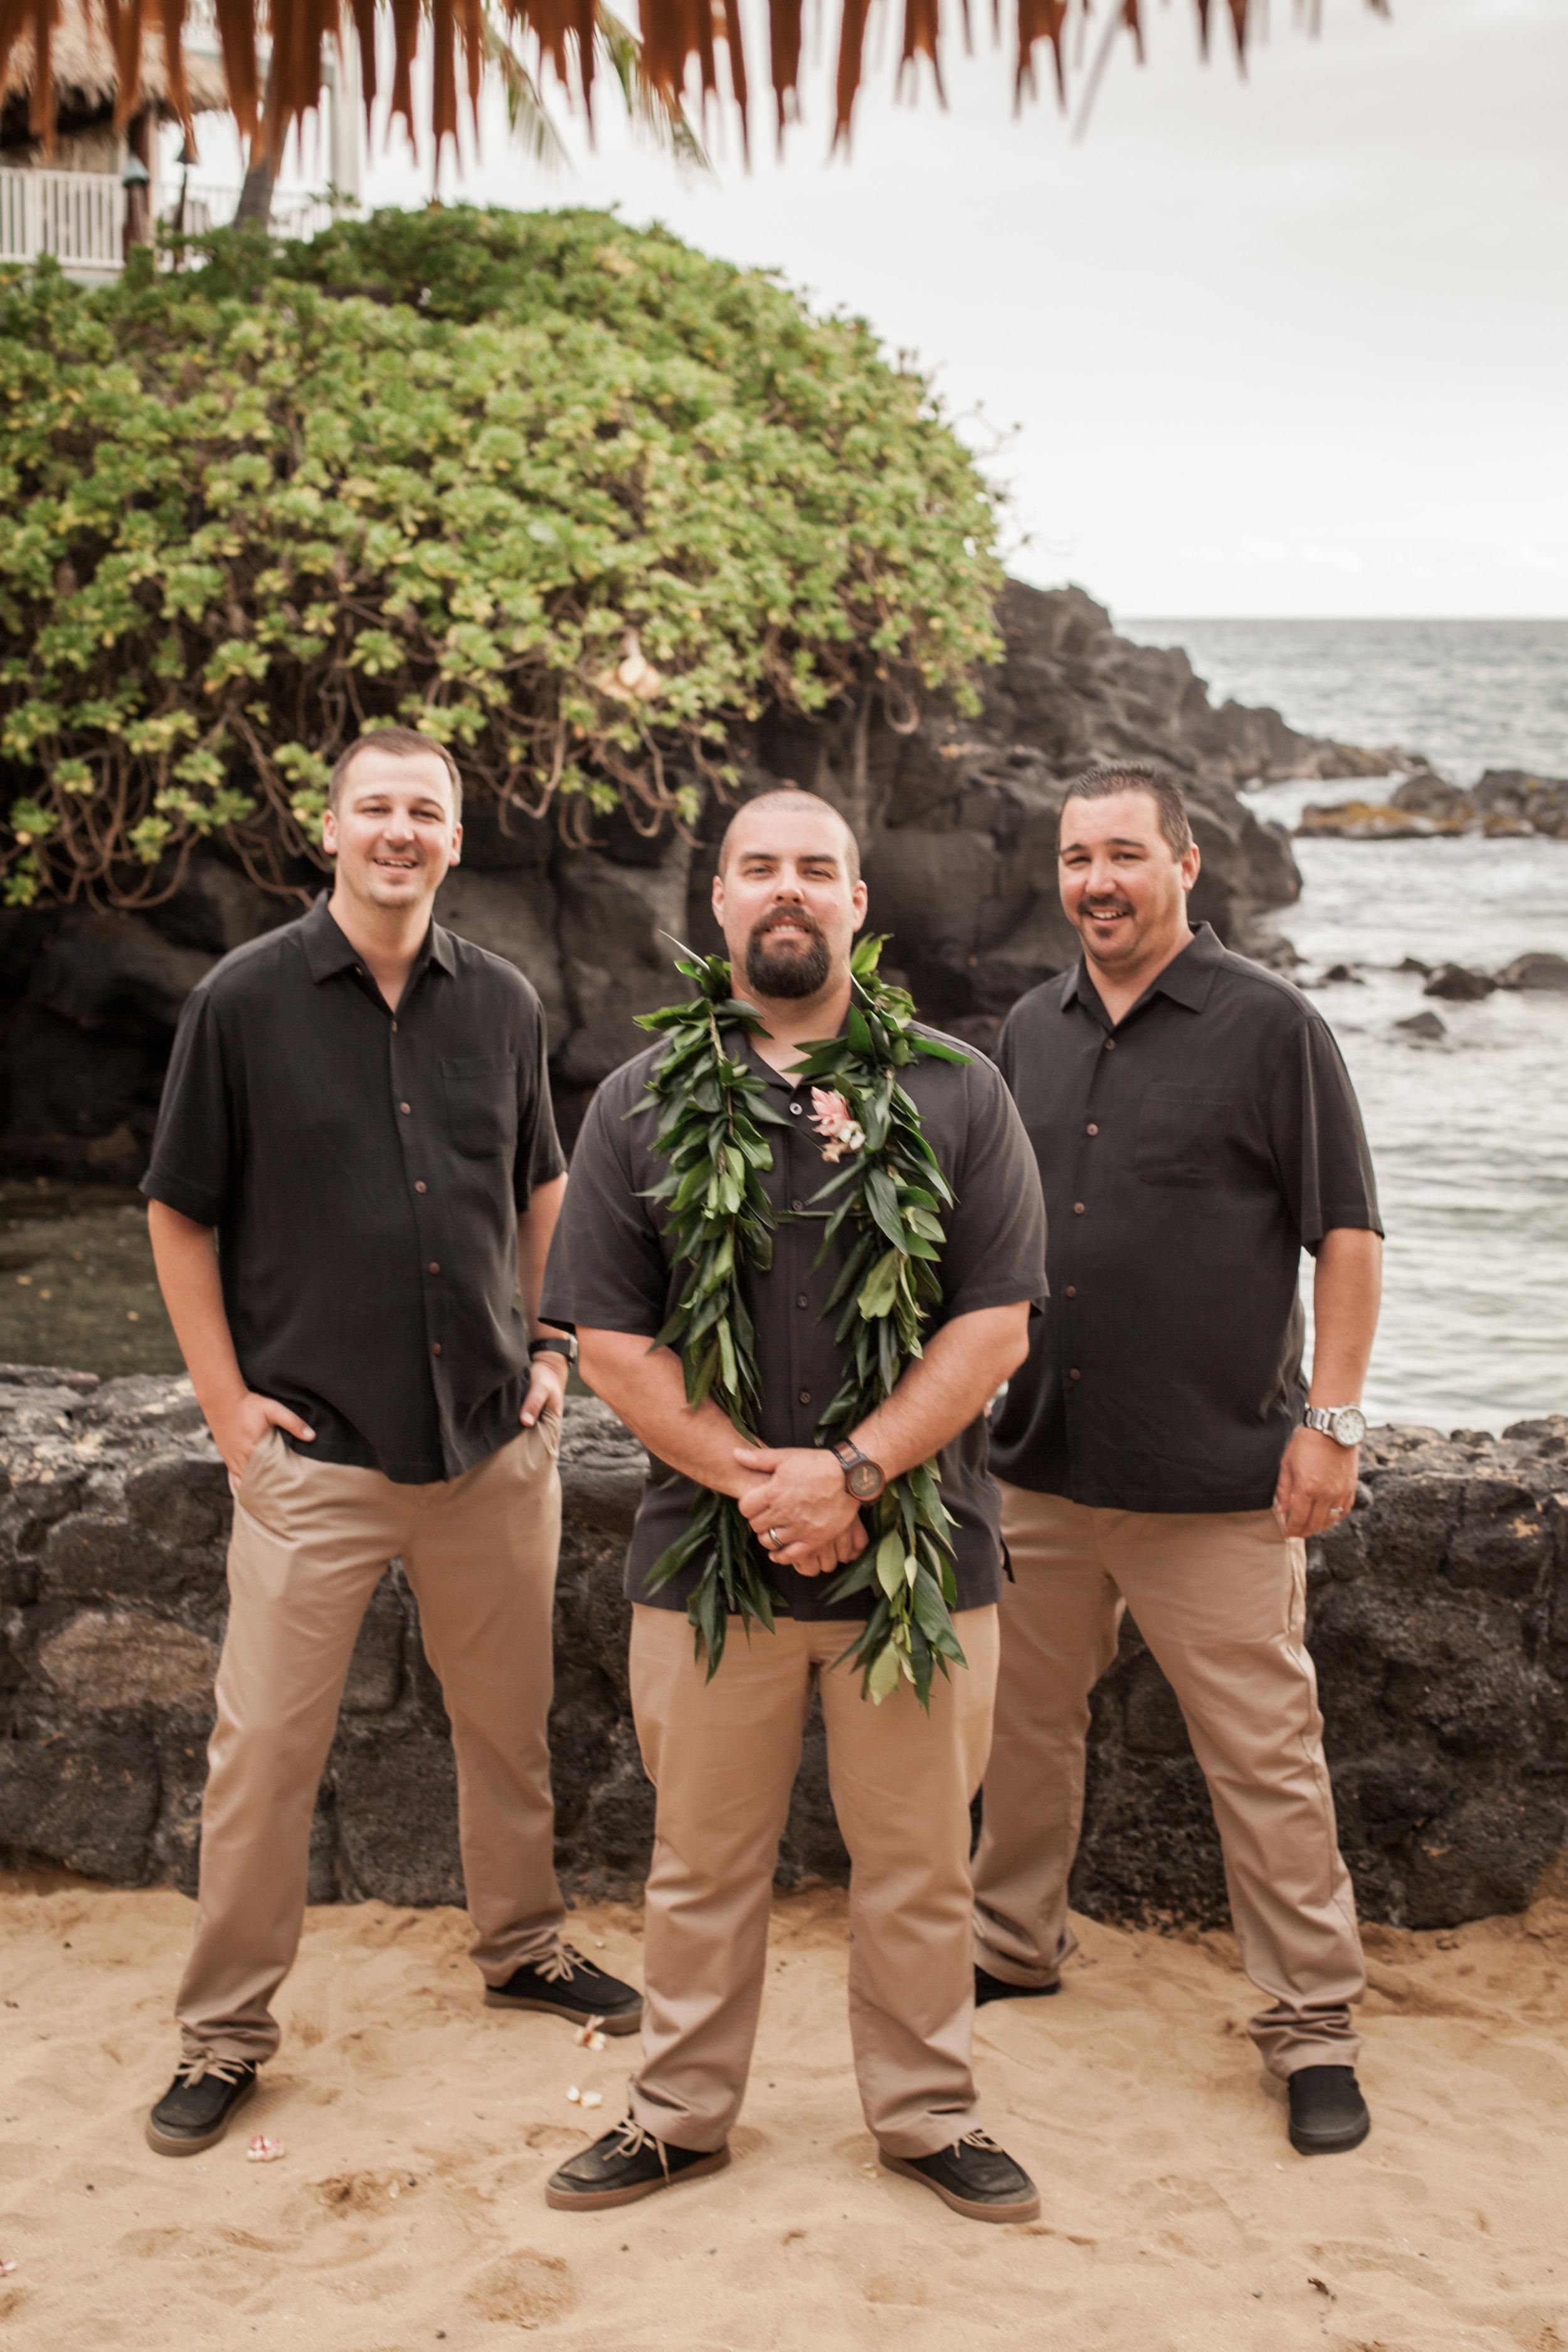 big island hawaii royal kona resort beach wedding © kelilina photography 20170520173451.jpg